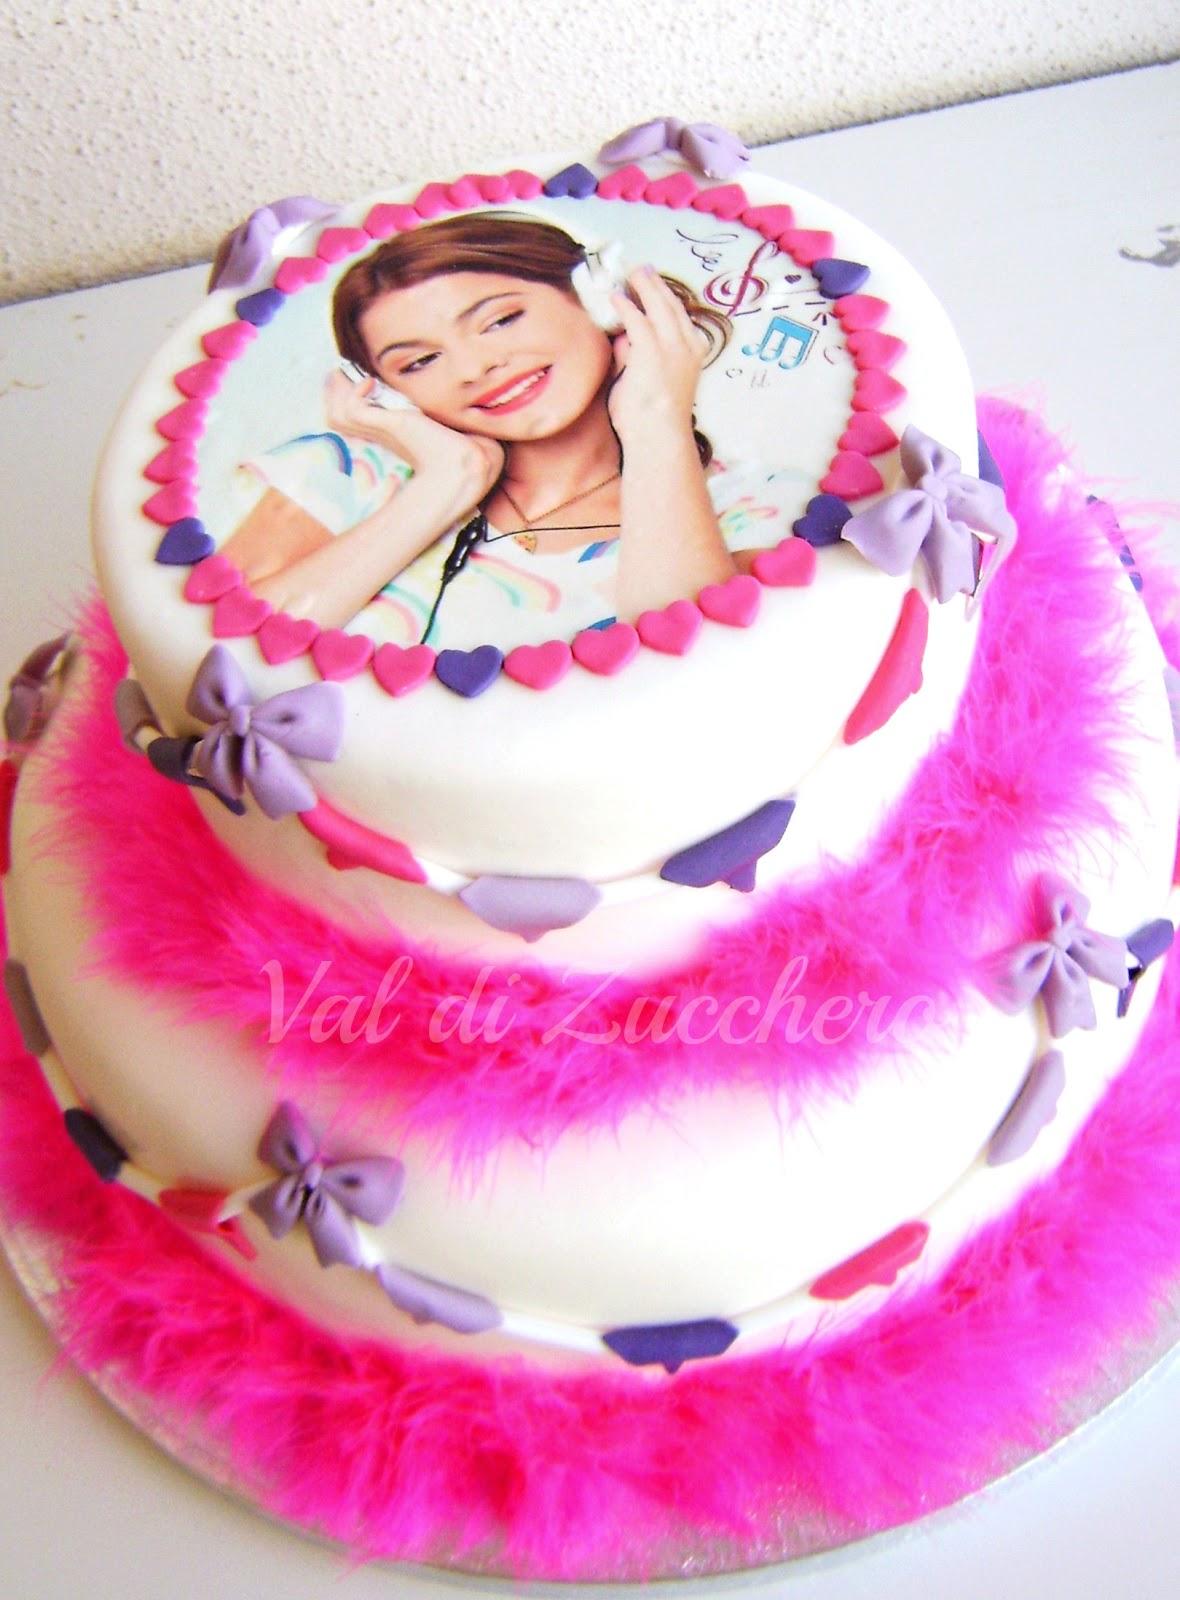 Cake Design Di Violetta : Val di zucchero: One direction e Violetta